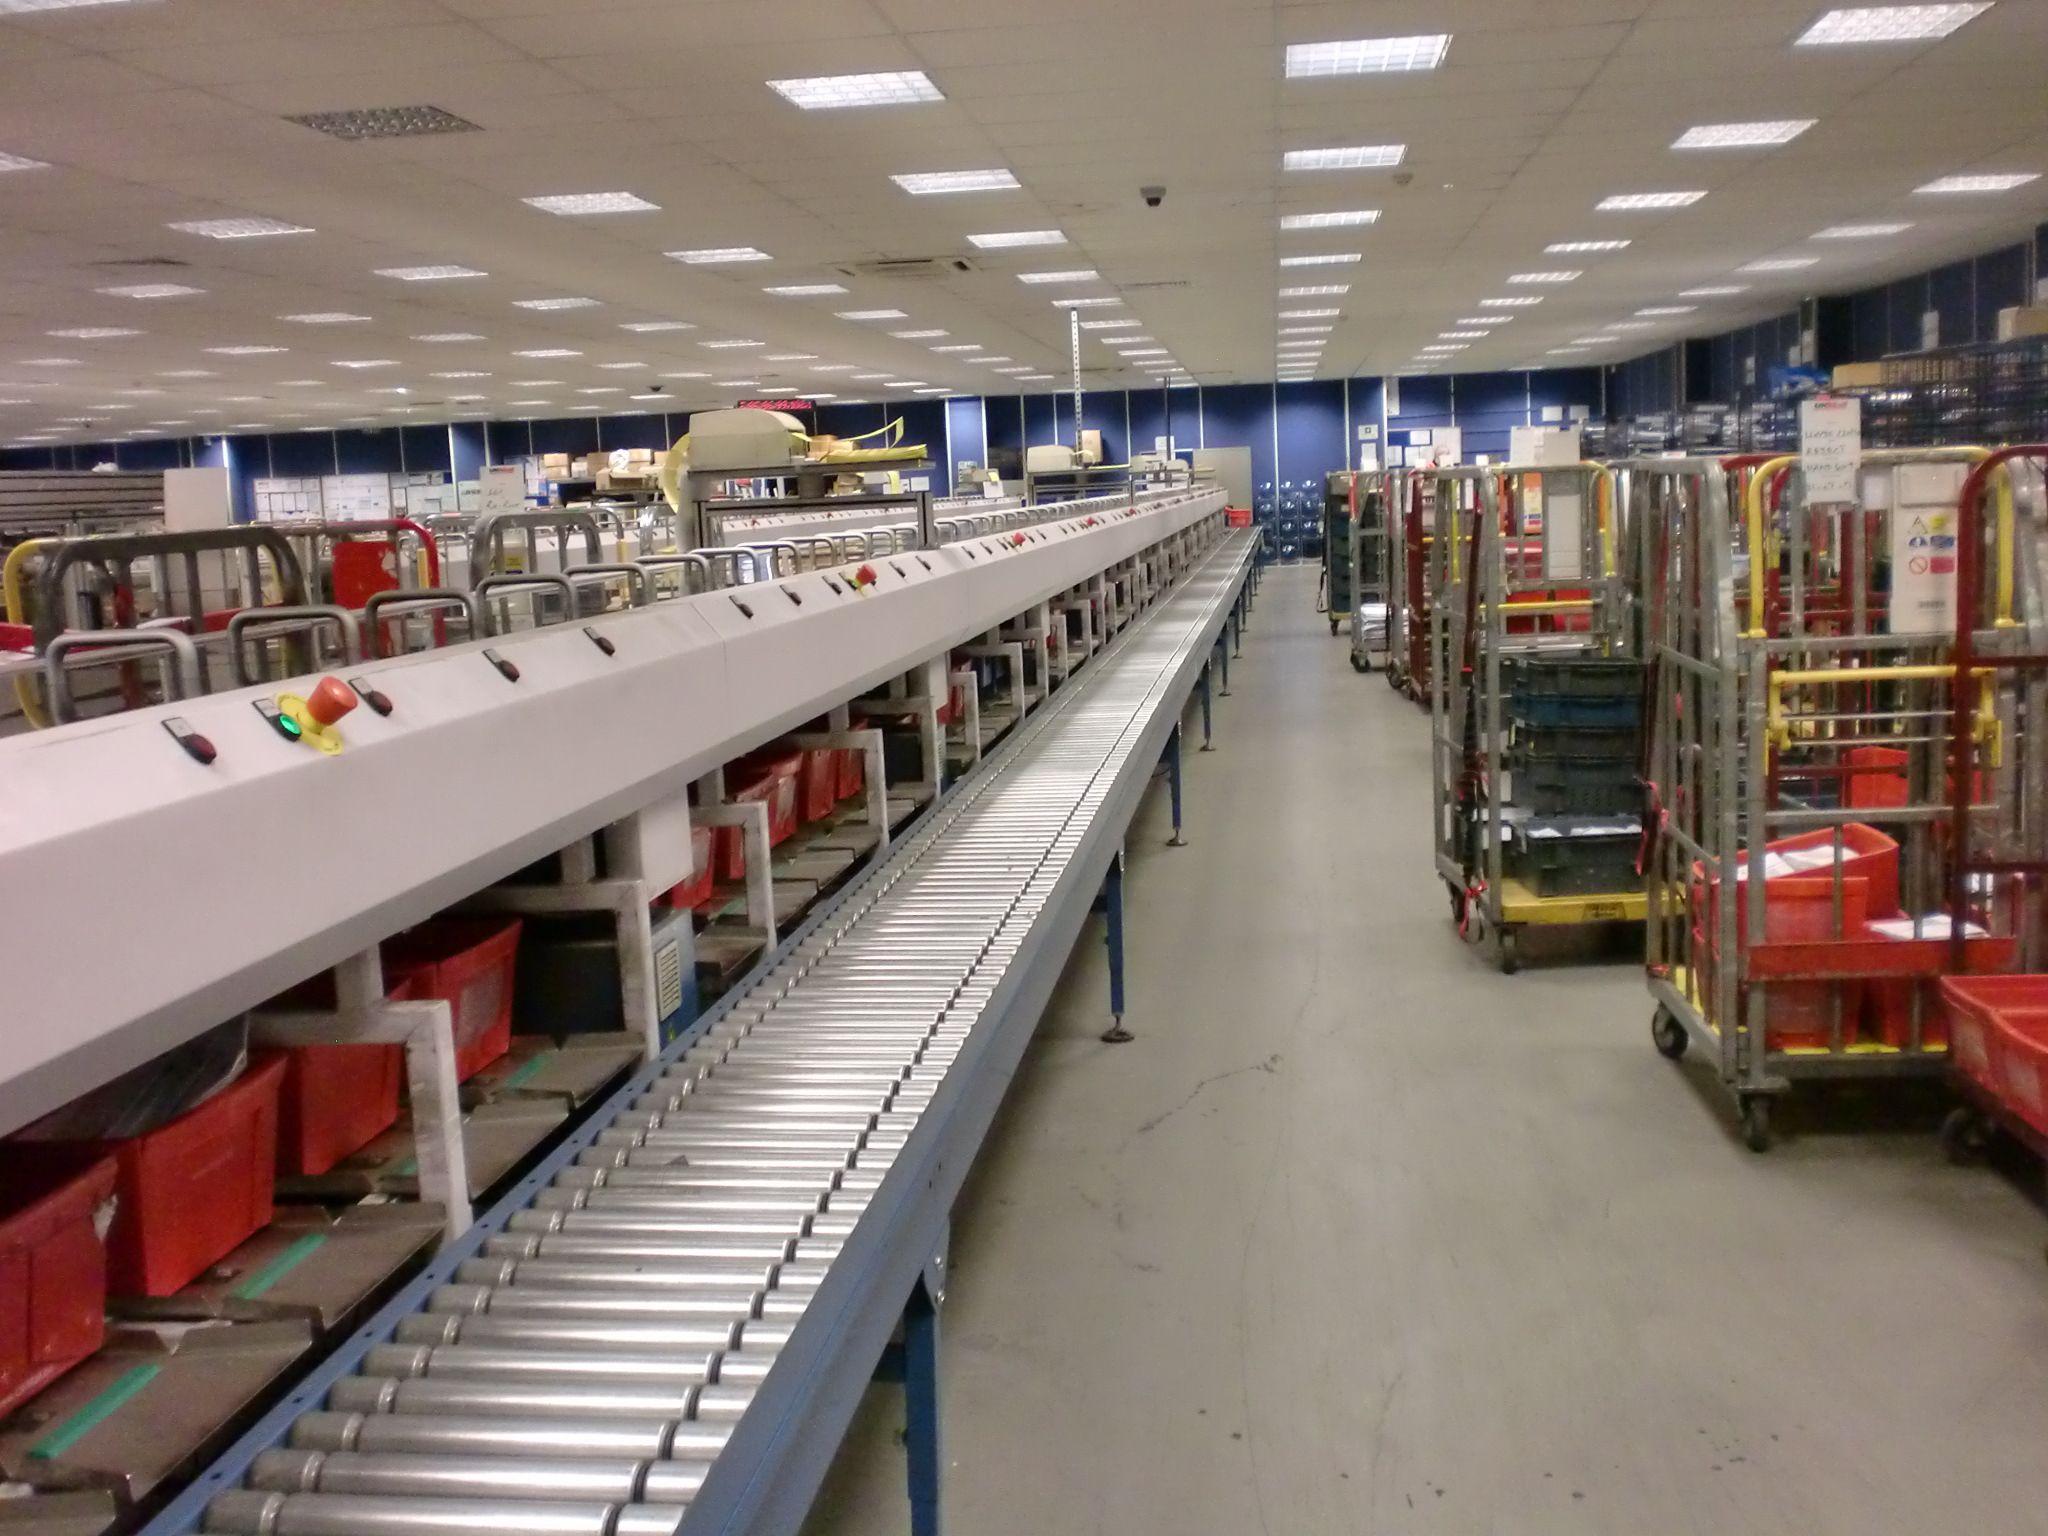 parcel conveyors